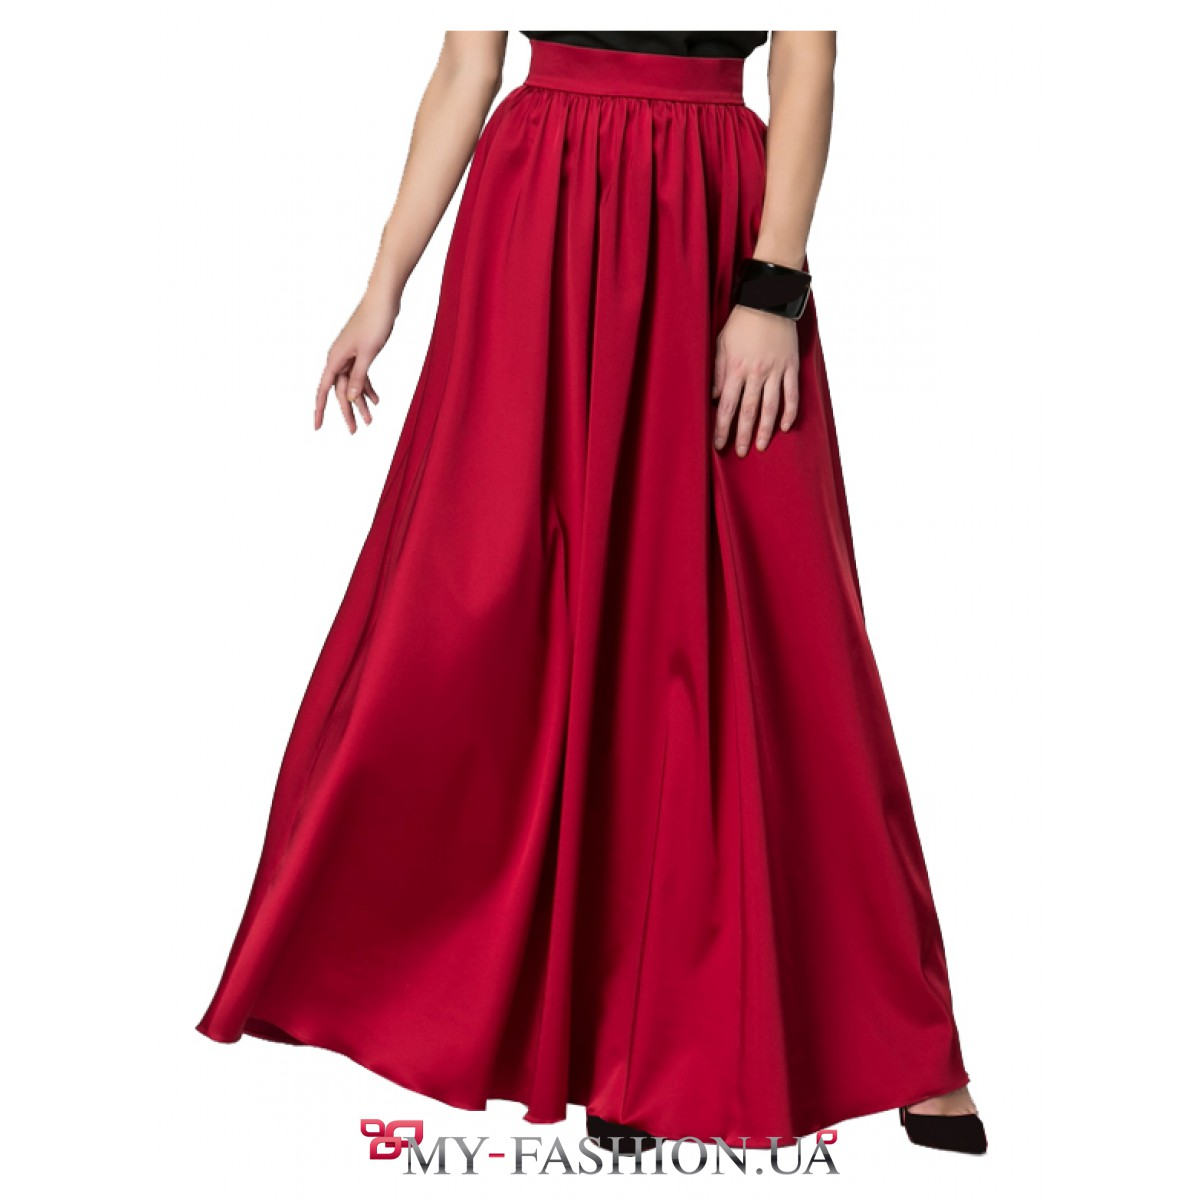 Купить красную юбку длинную